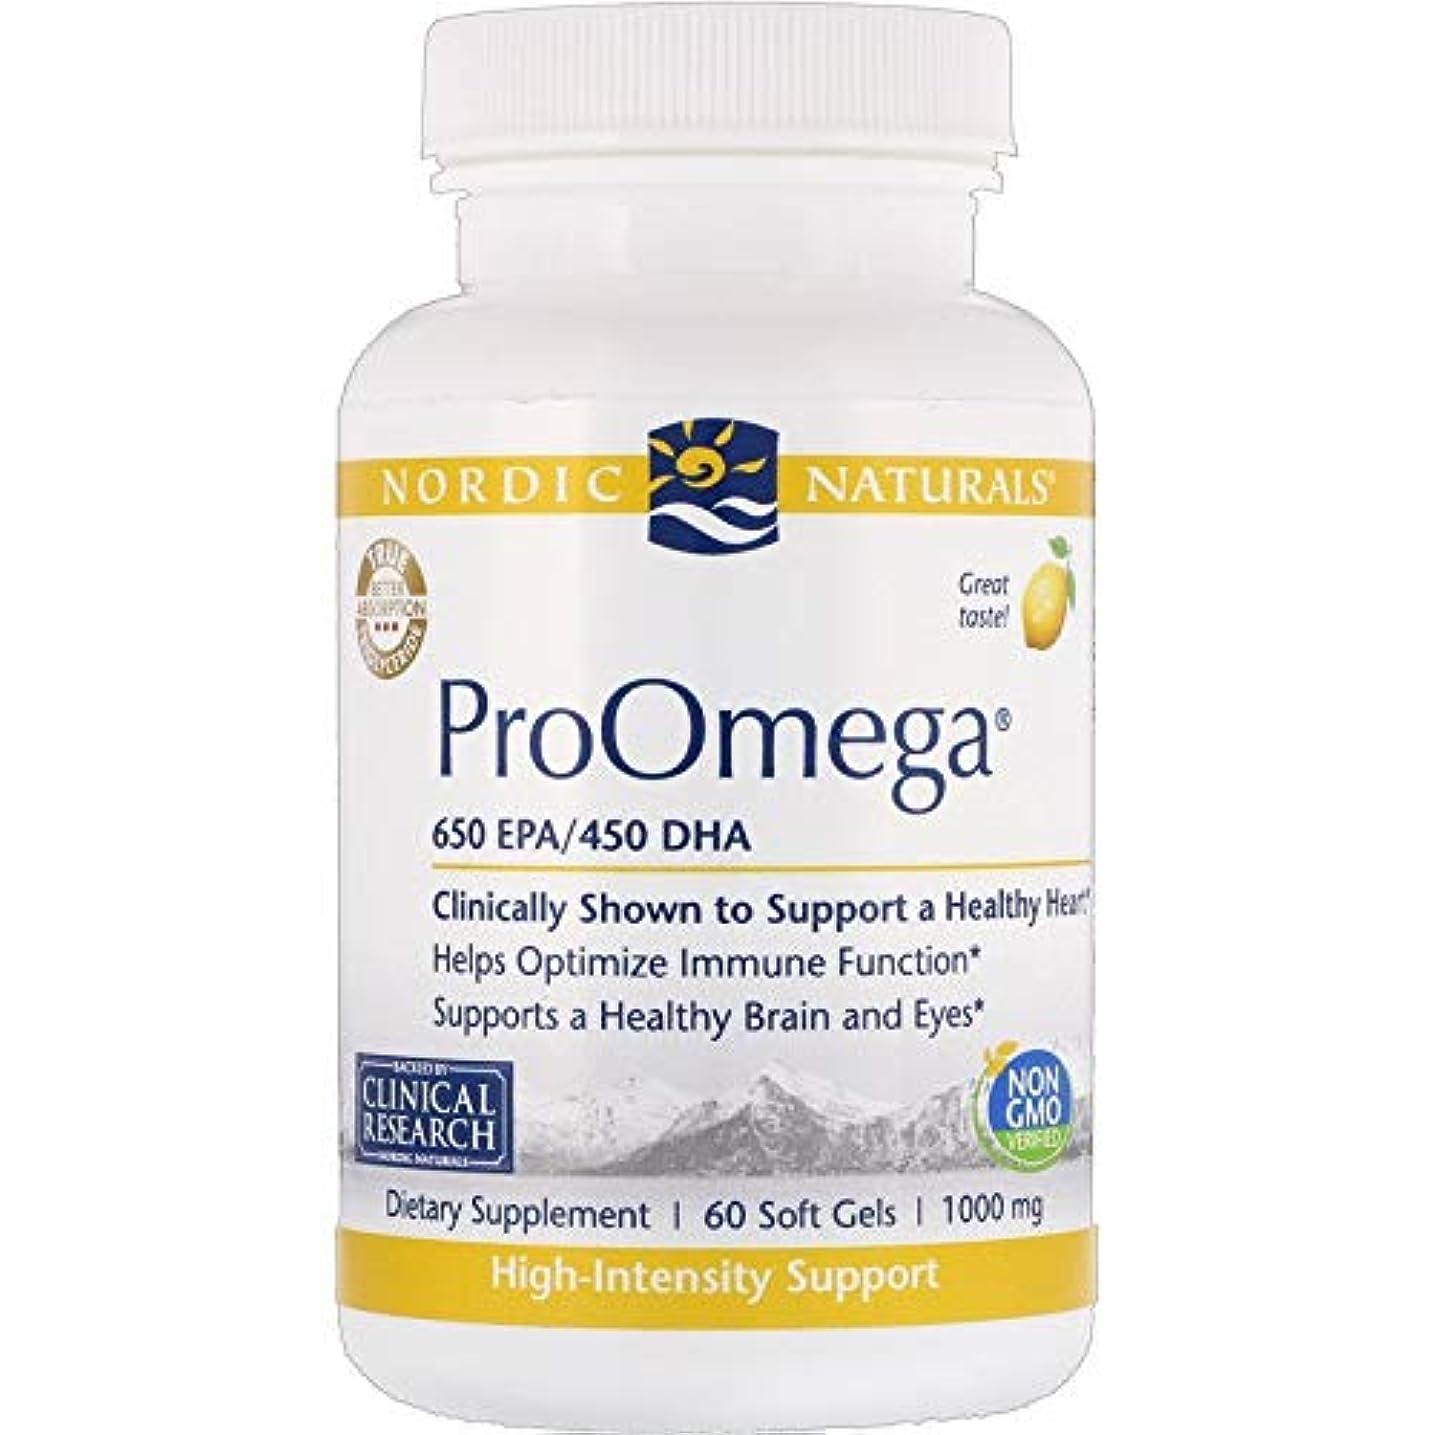 ジュニア無駄にジュニアNordic Naturals ProOmega プロオメガ レモン味 650 EPA / 450 DHA 1000 mg 60粒 [海外直送品]